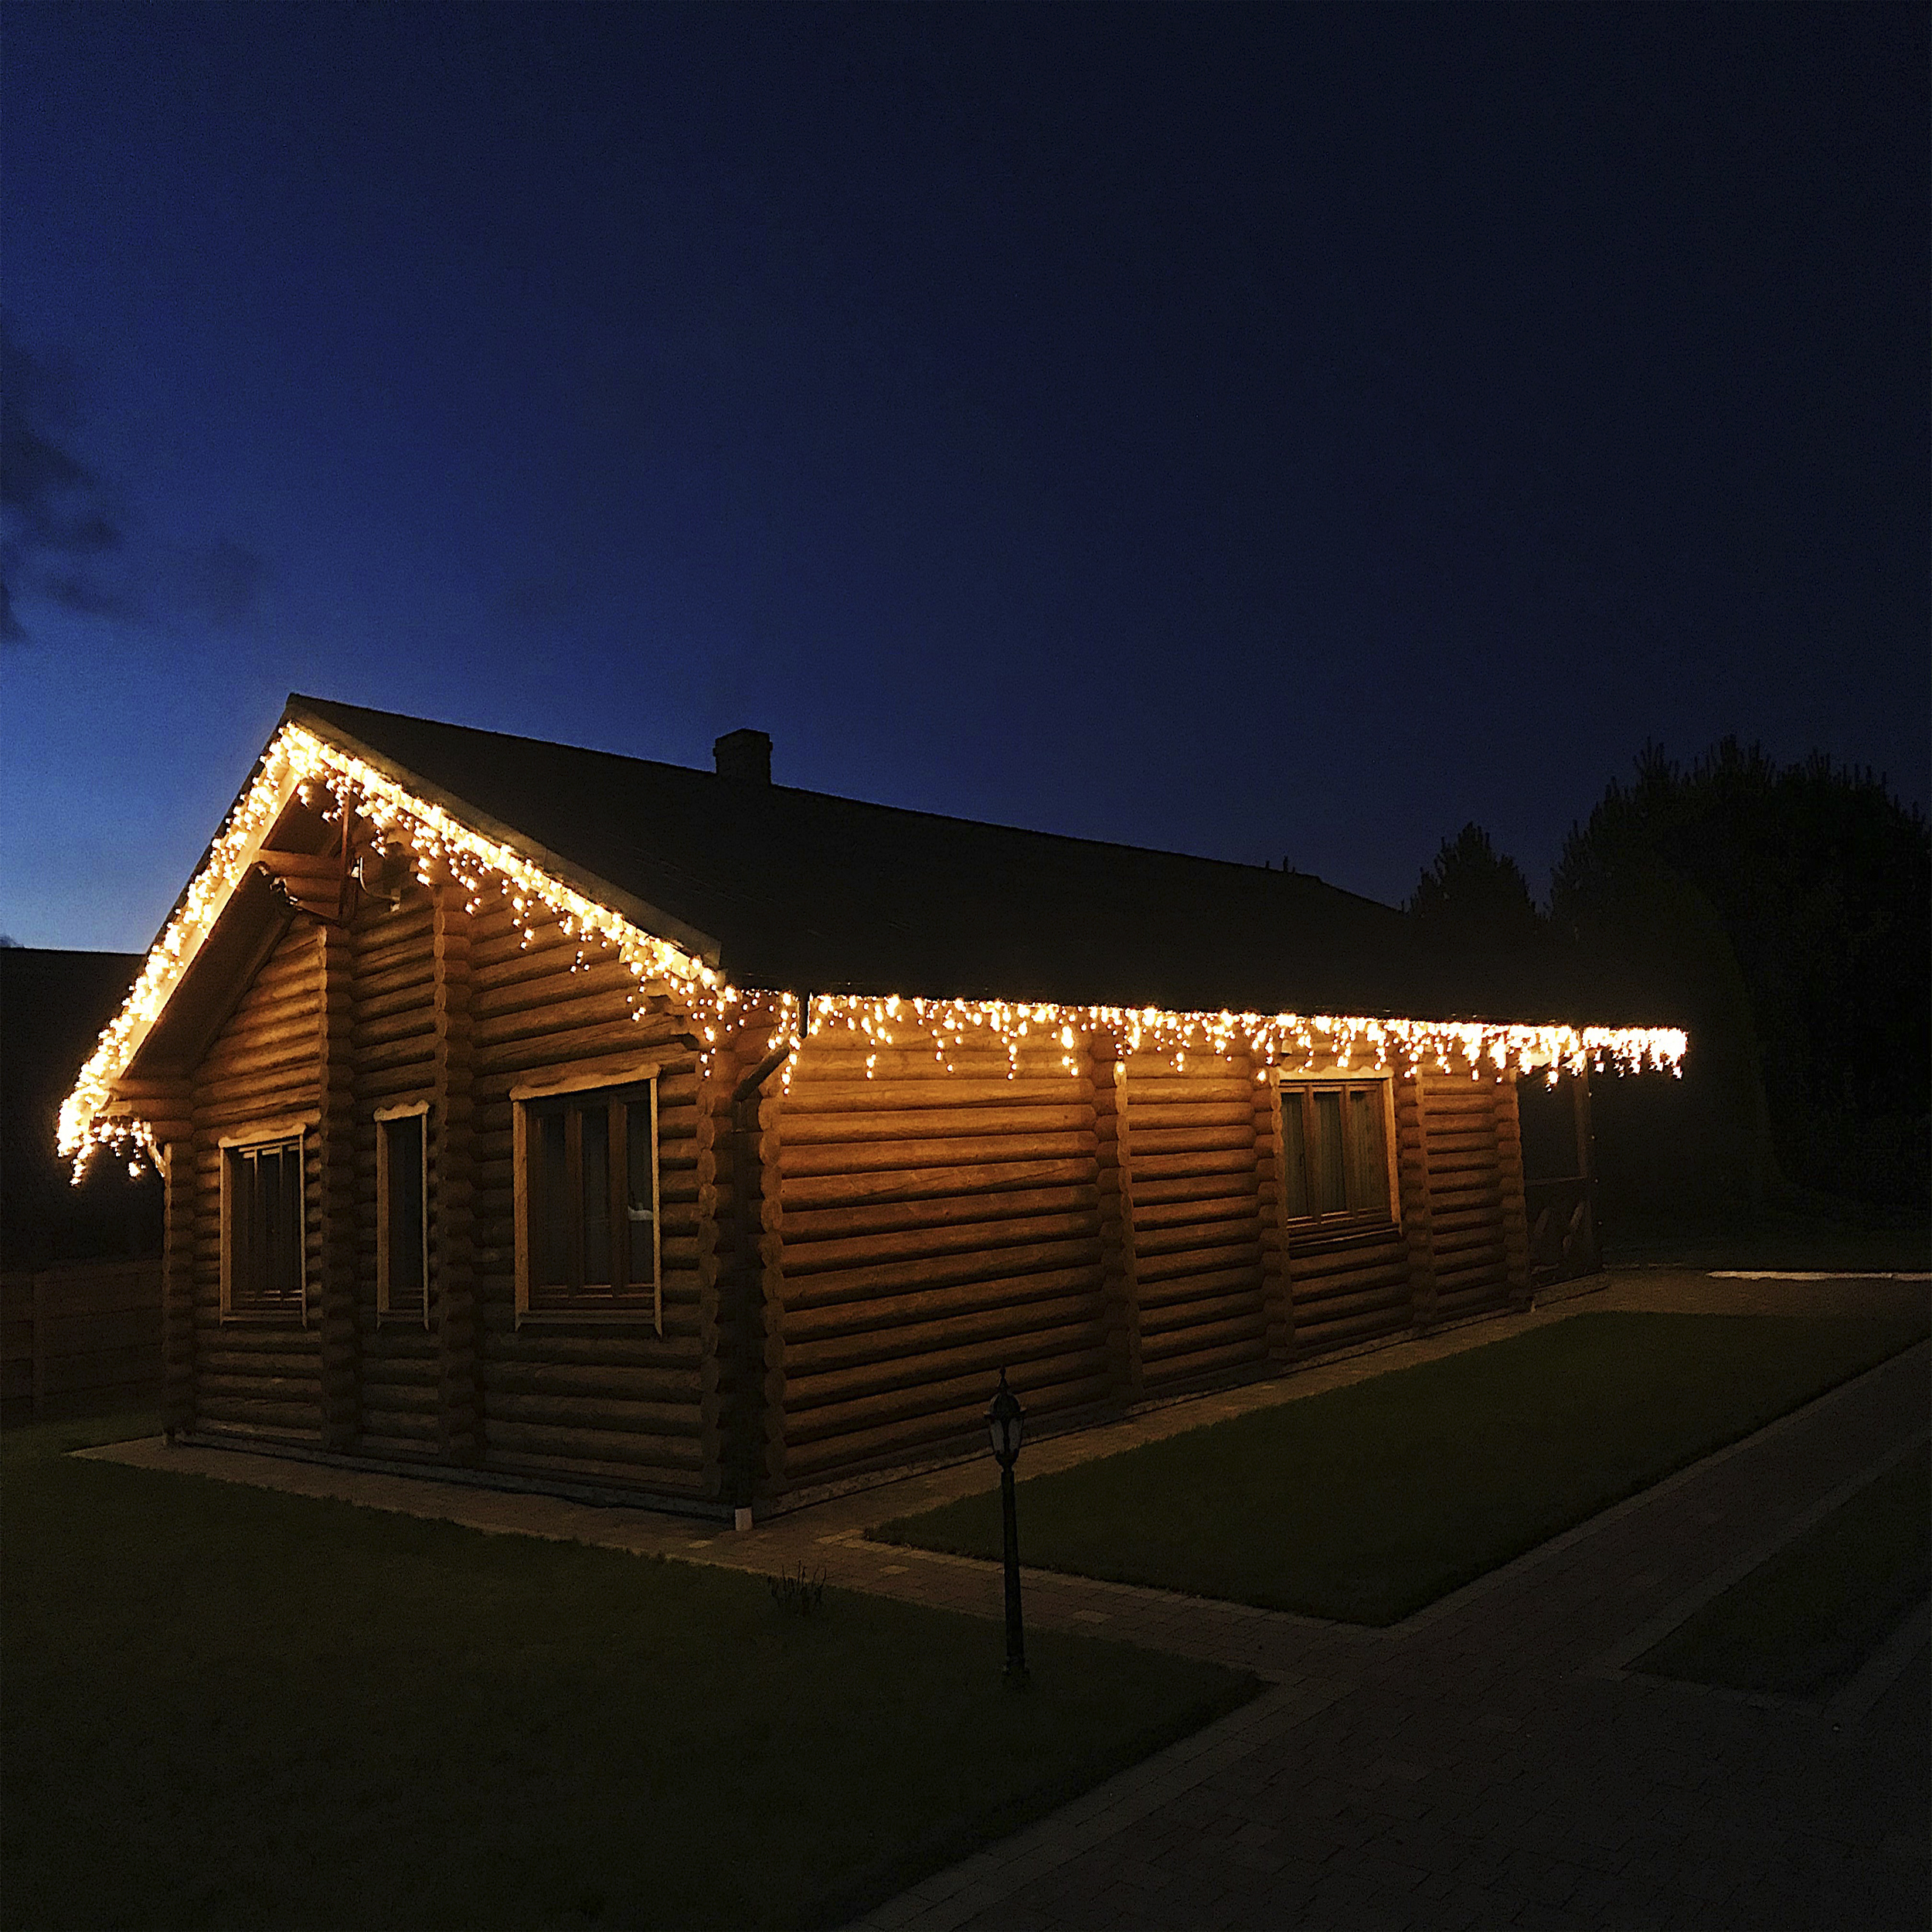 новорічна підсвітка будинку